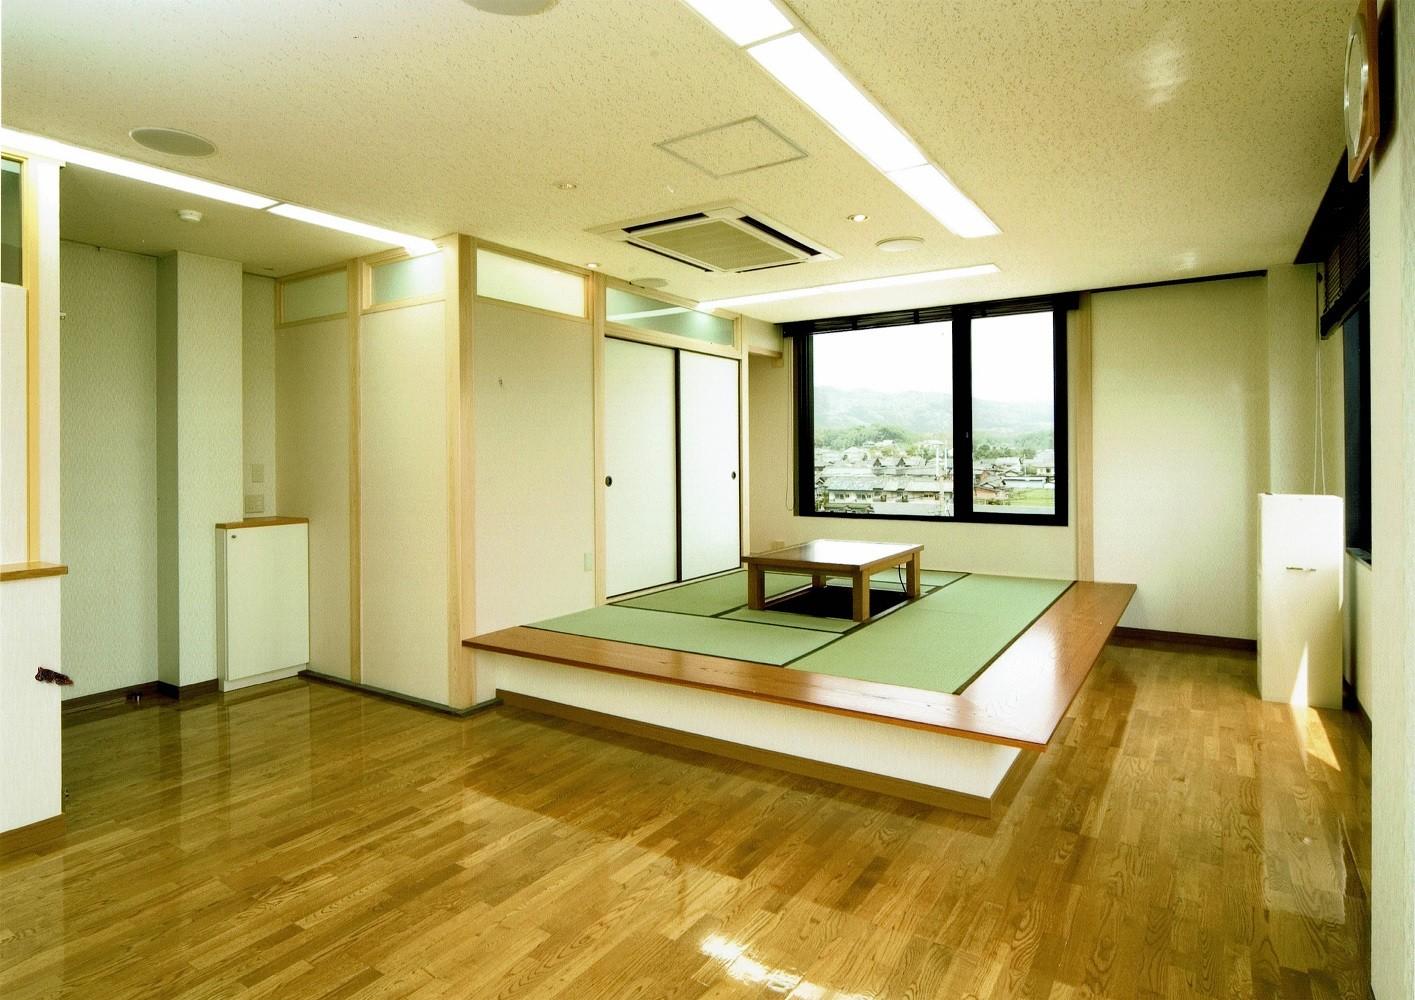 その他事例:高床式和室(眺望を楽しむ暮らし:ビルのリノベーション)